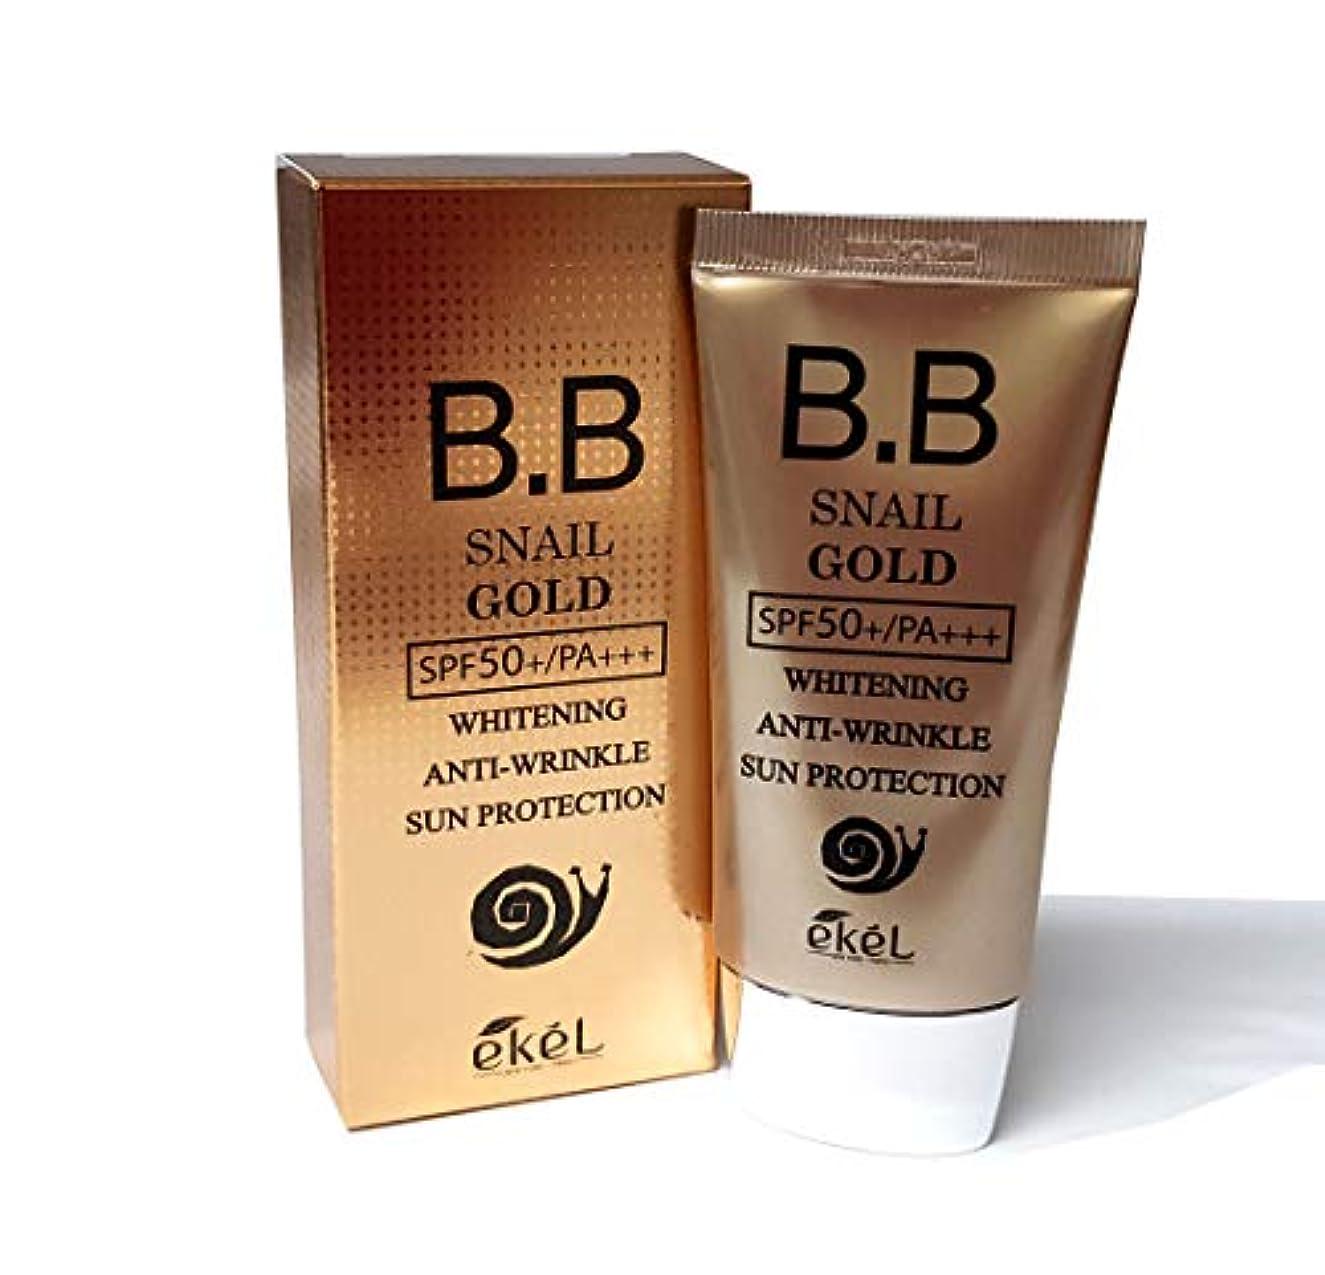 変形ゴージャス水[Ekel] カタツムリゴールドBB 50ml SPF50 + PA +++ / Snail Gold BB 50ml SPF50+PA+++ /ホワイトニング、UVカット/Whitening,UV protection...